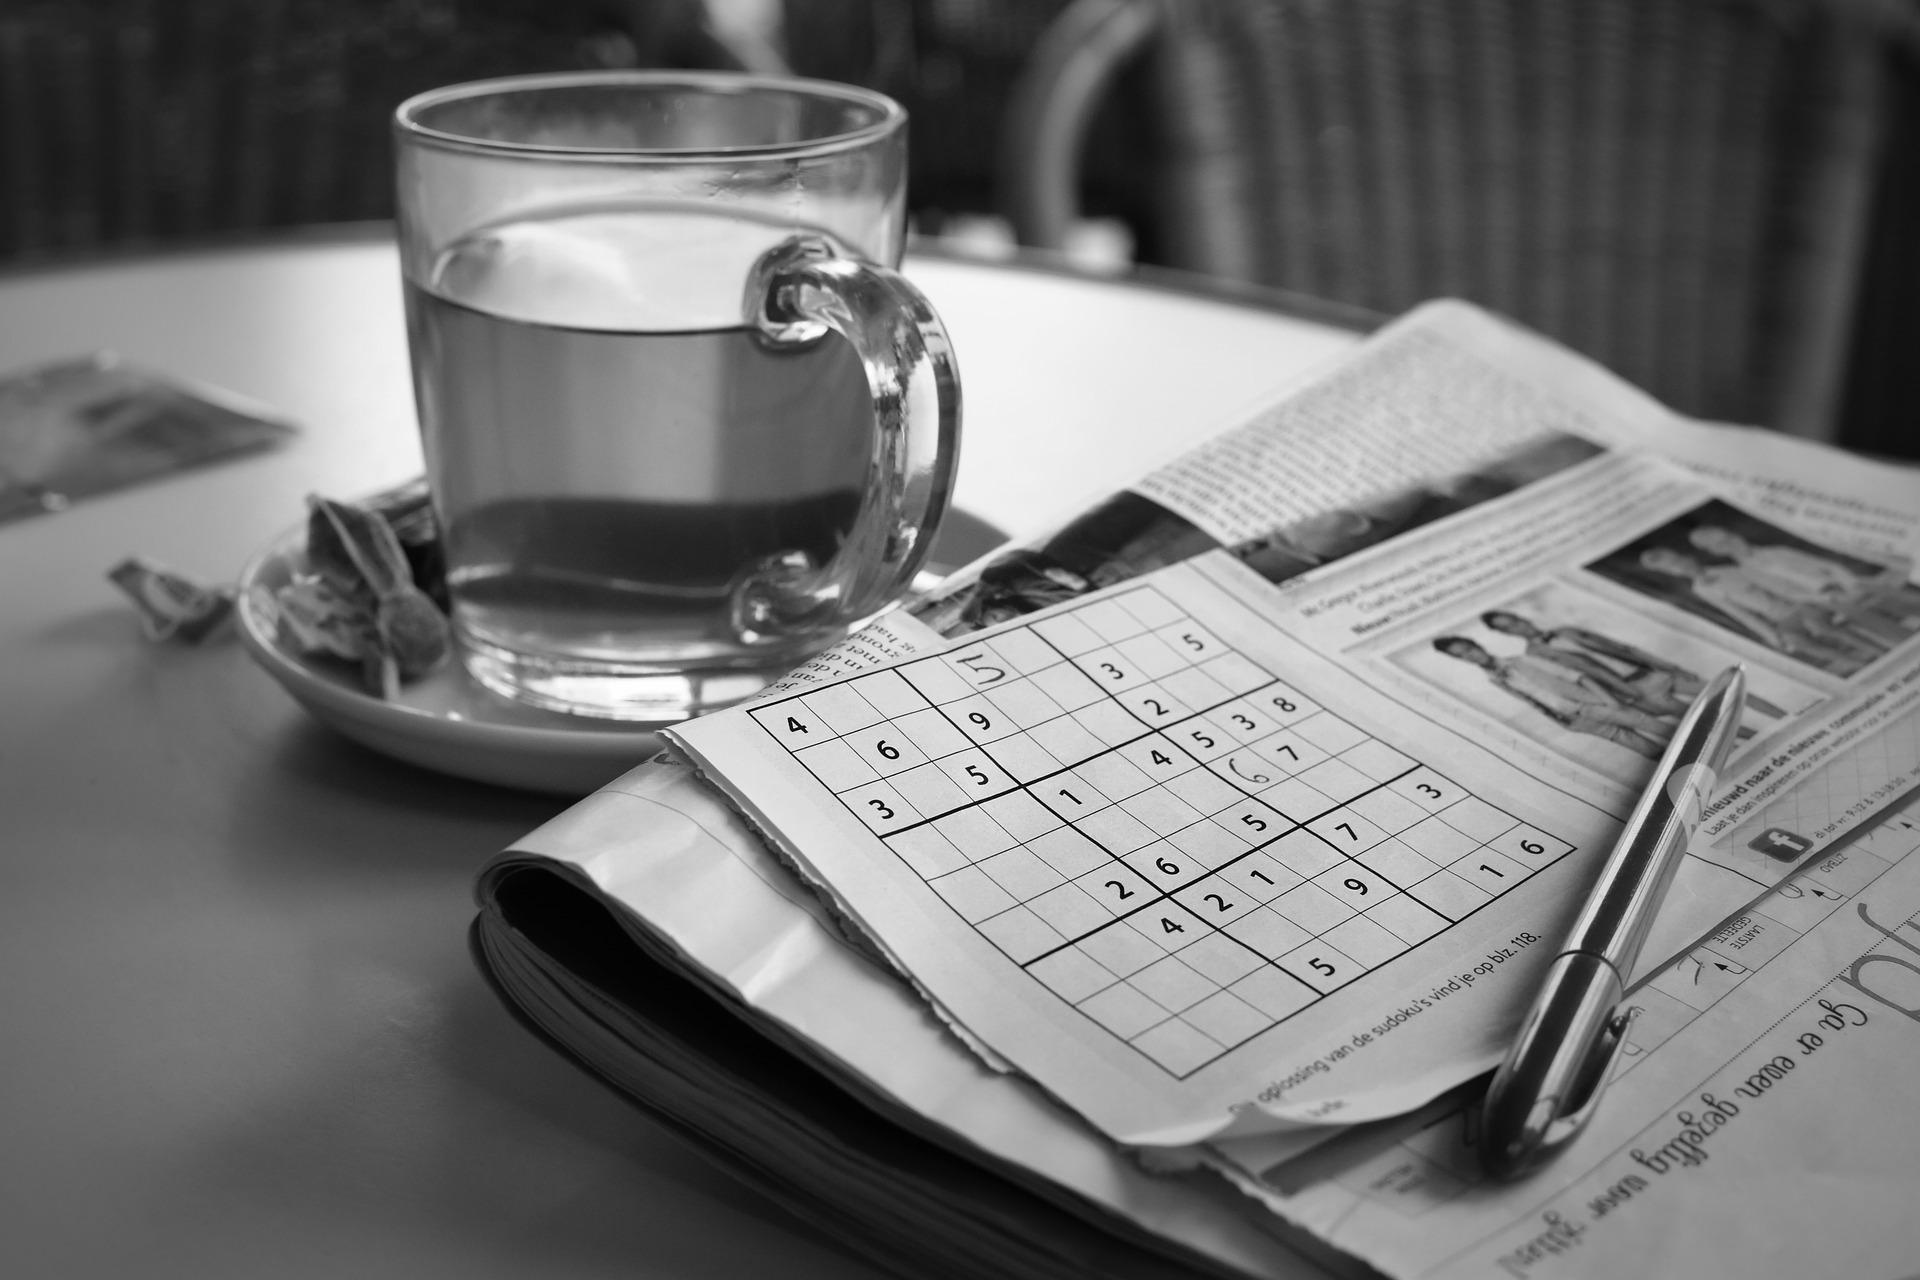 Juegos sudoku para divertirte en iPhone y Android